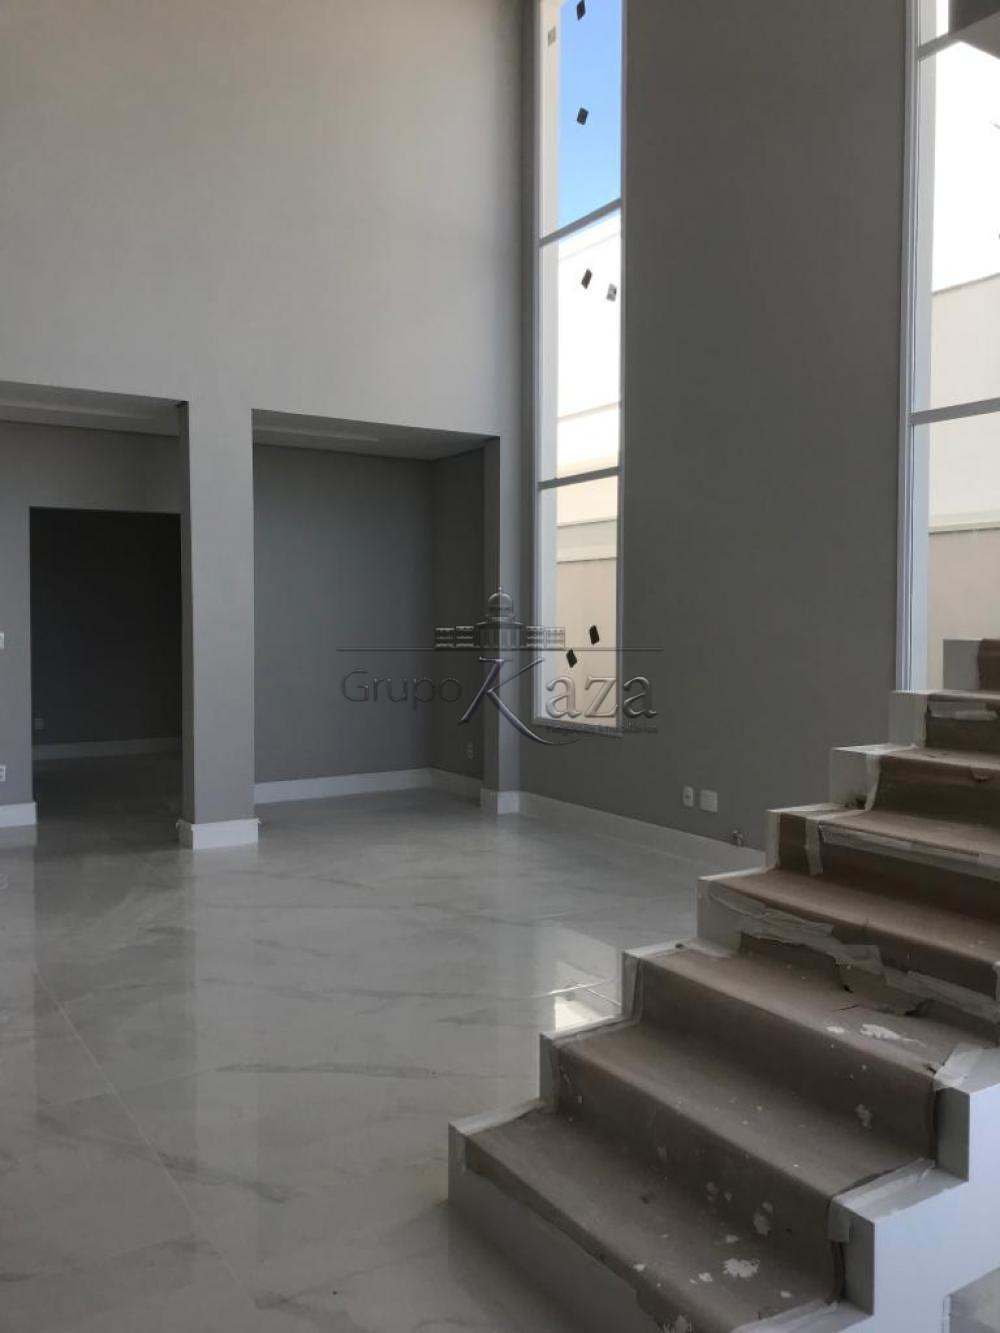 Comprar Casa / Condomínio em São José dos Campos apenas R$ 2.000.000,00 - Foto 3